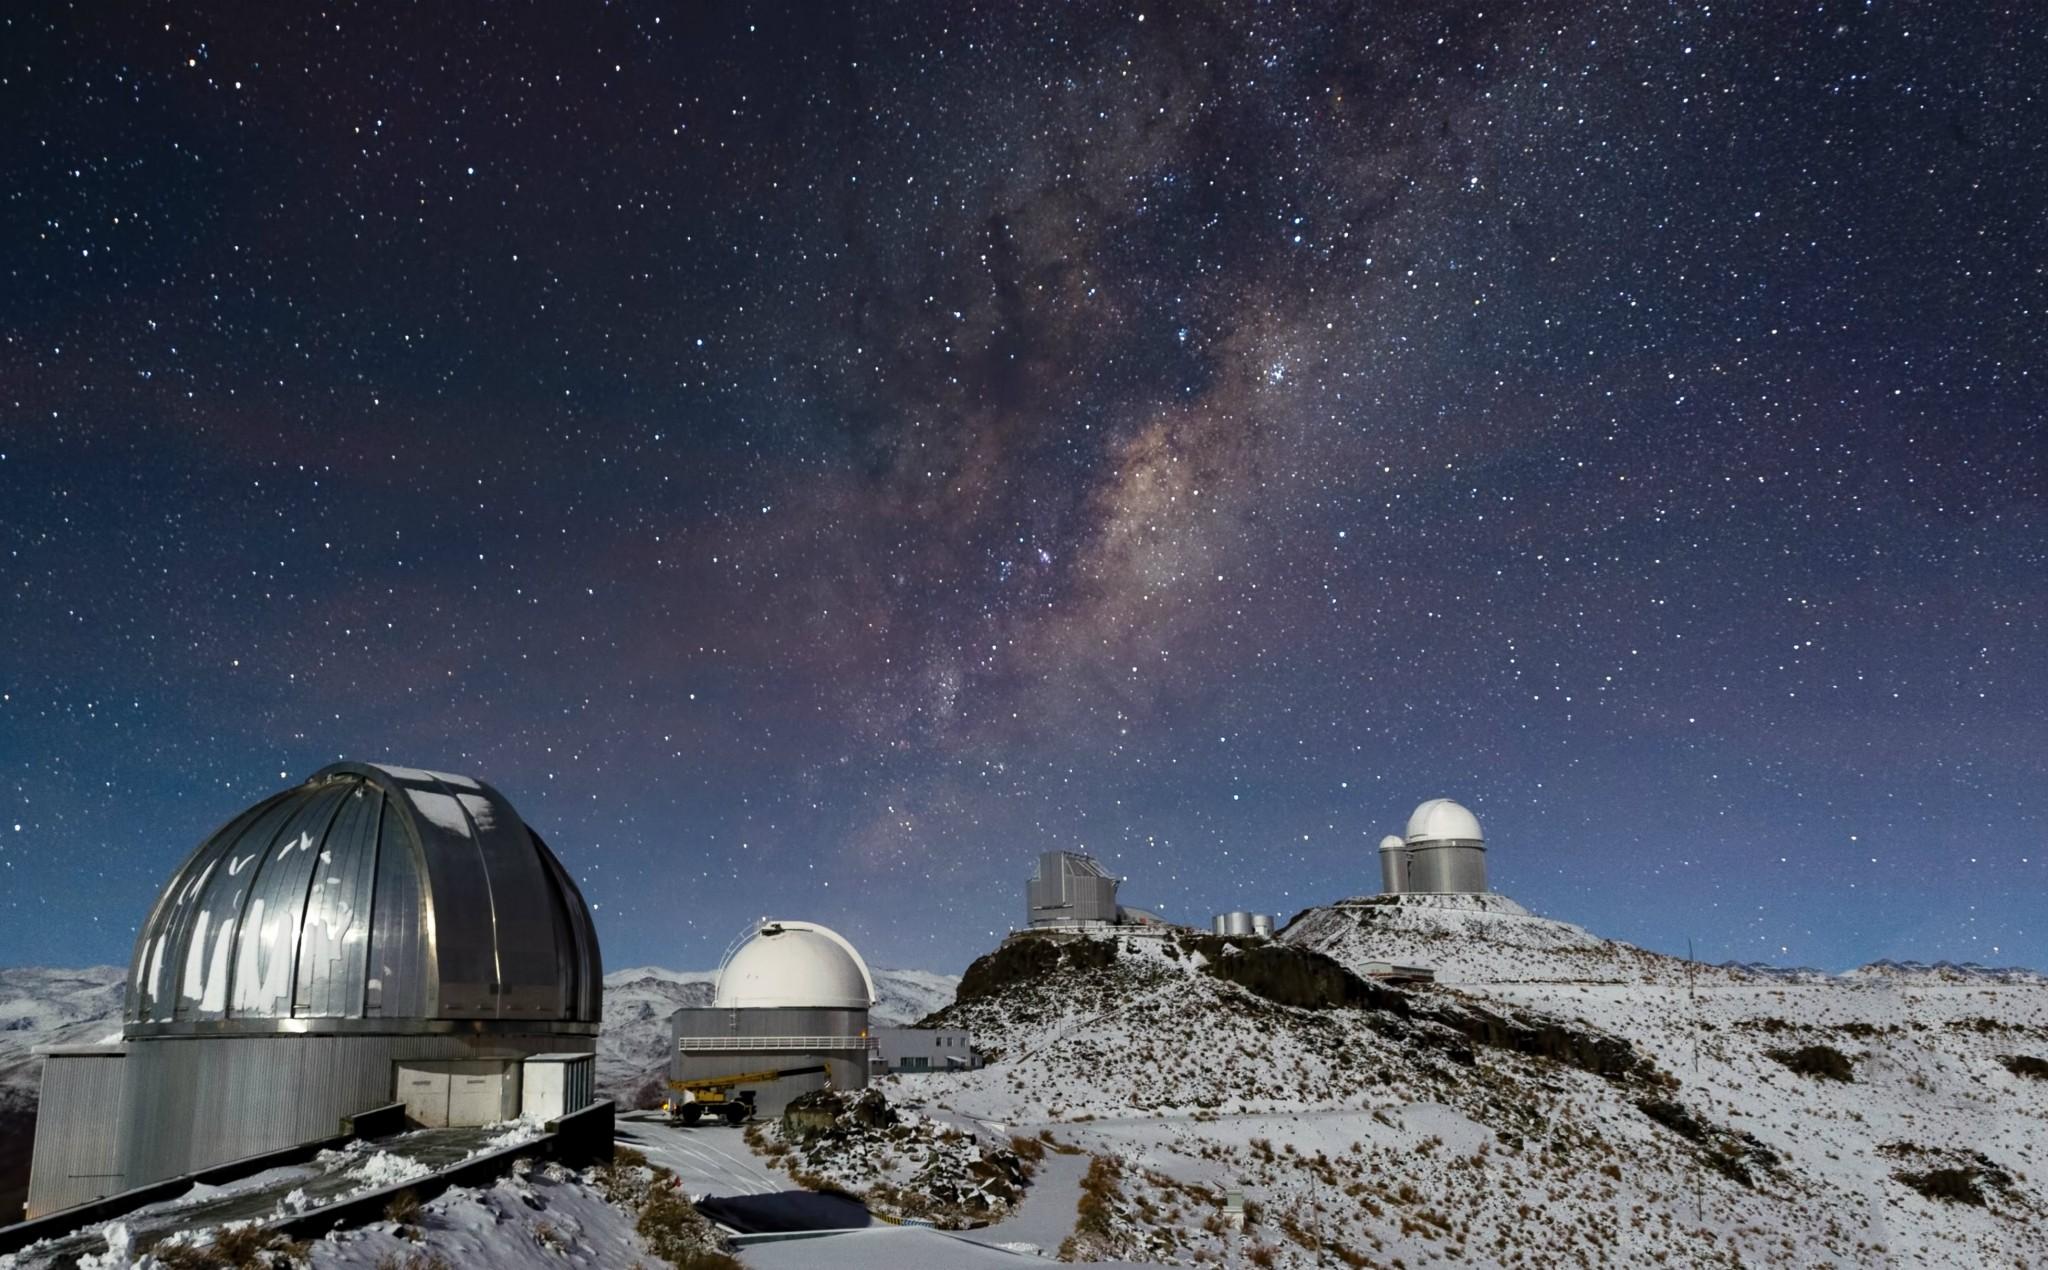 Milky Way over Snowy La Silla (by ESO/José Francisco Salgado)